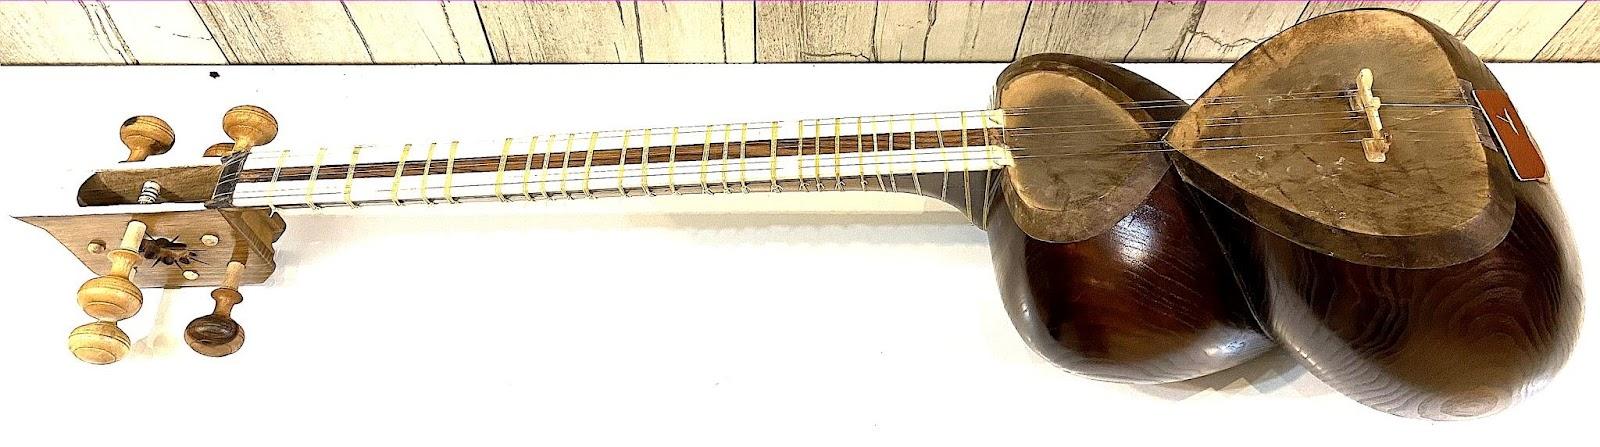 ساز تار سیاوشانی یک مهر با جعبه